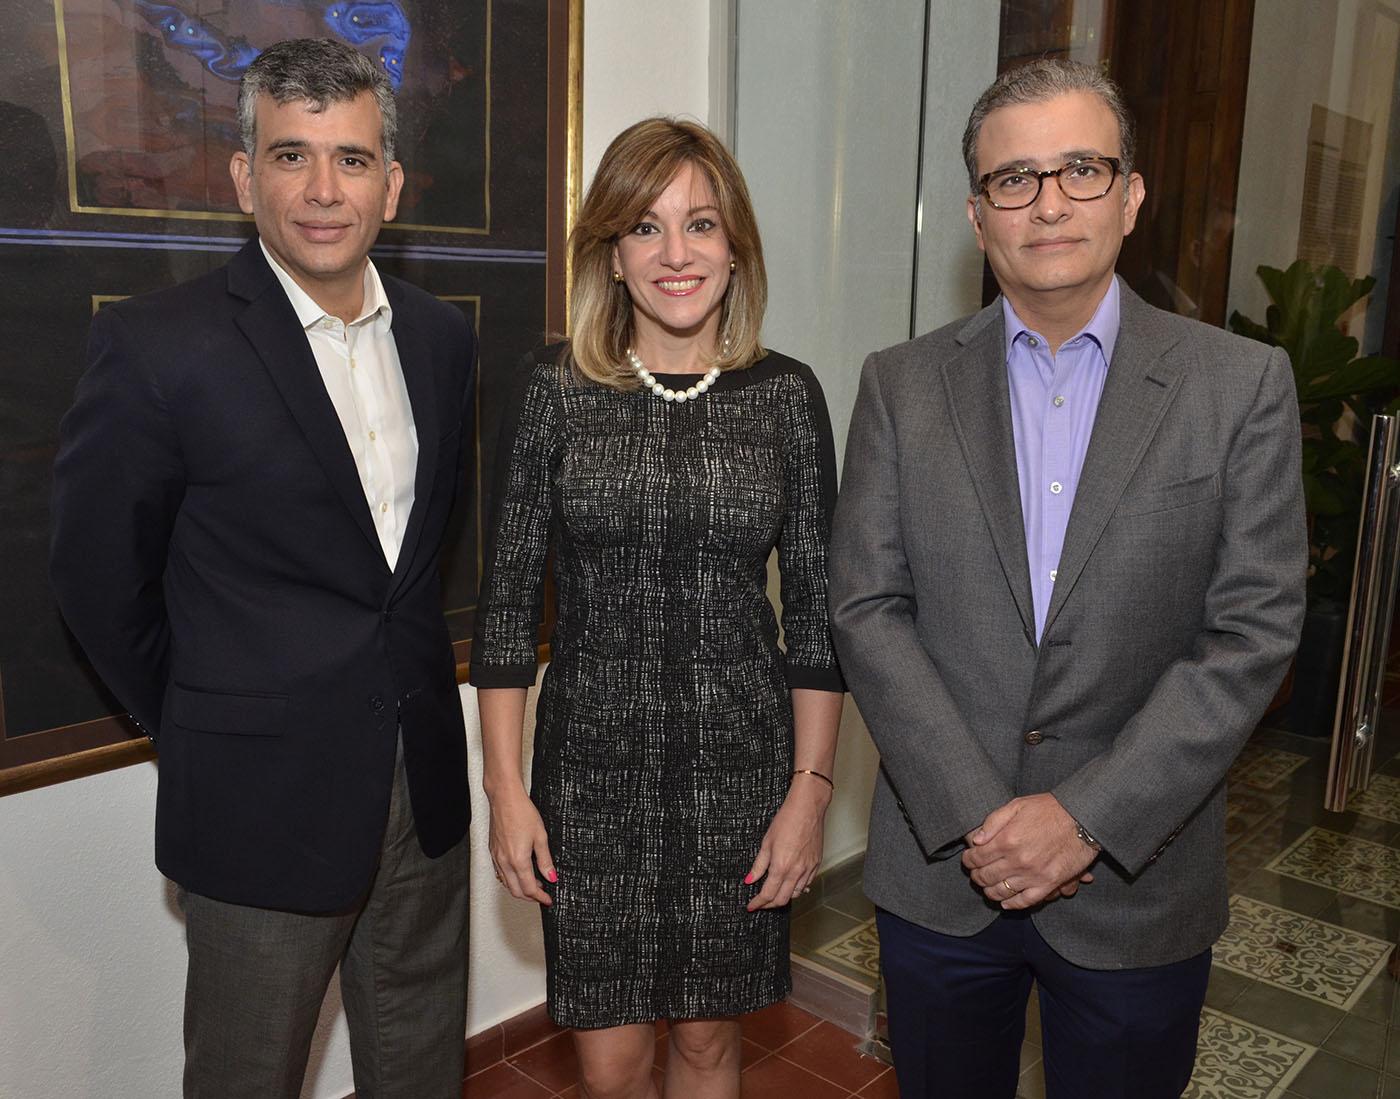 Pablo Piantini, Christie Pou de Piantini y Roberto Piantini